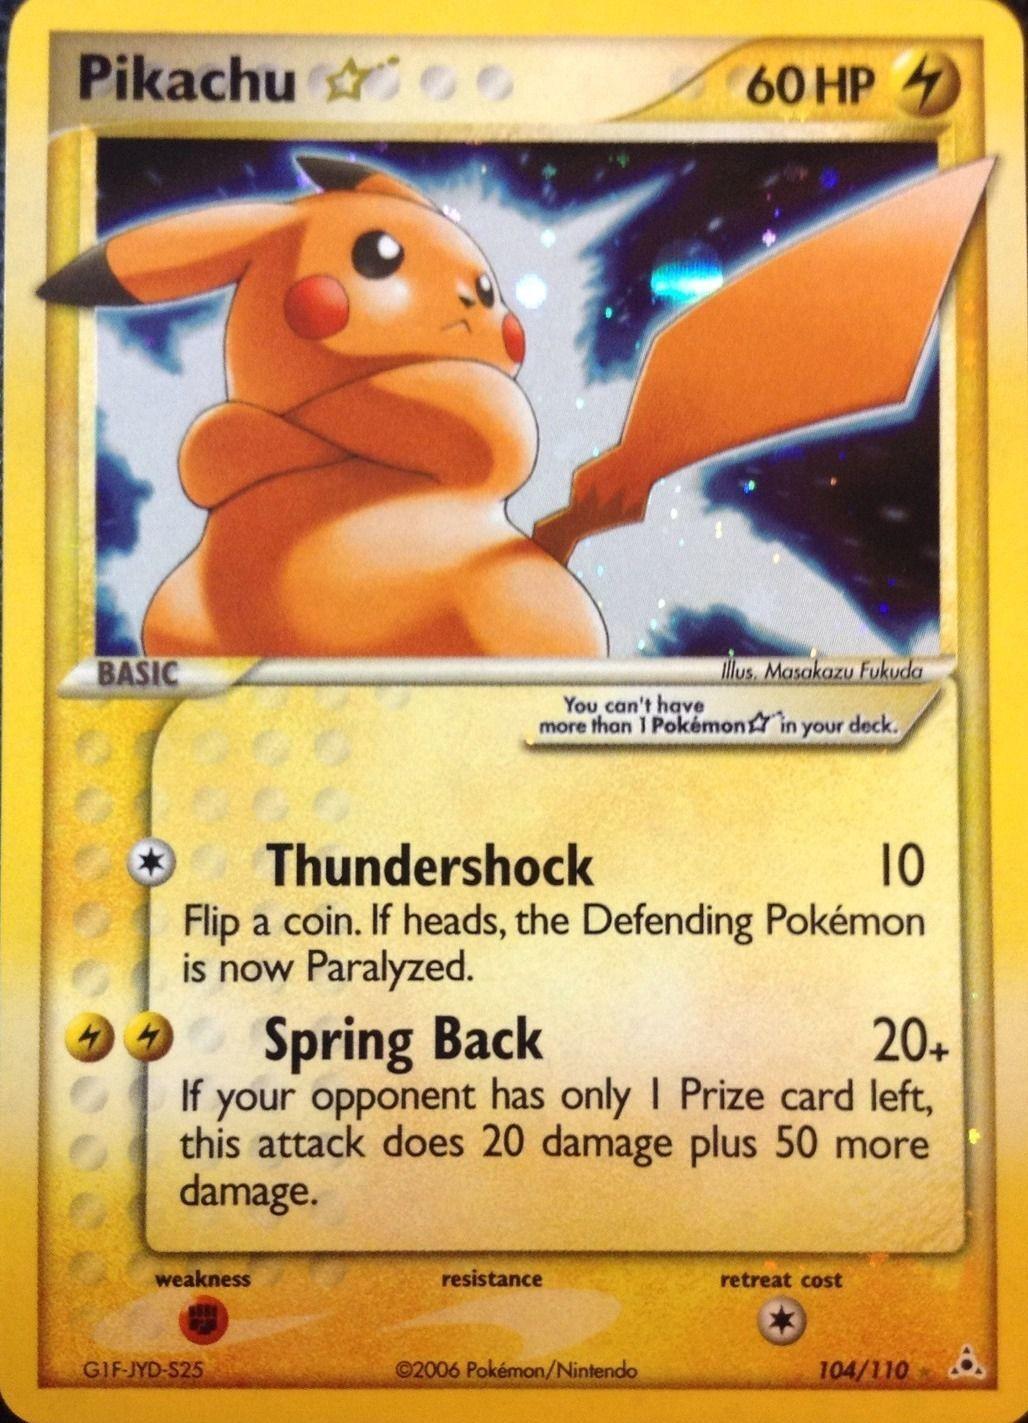 Rare pokemon card pictures 2000s in fashion - Wikipedia